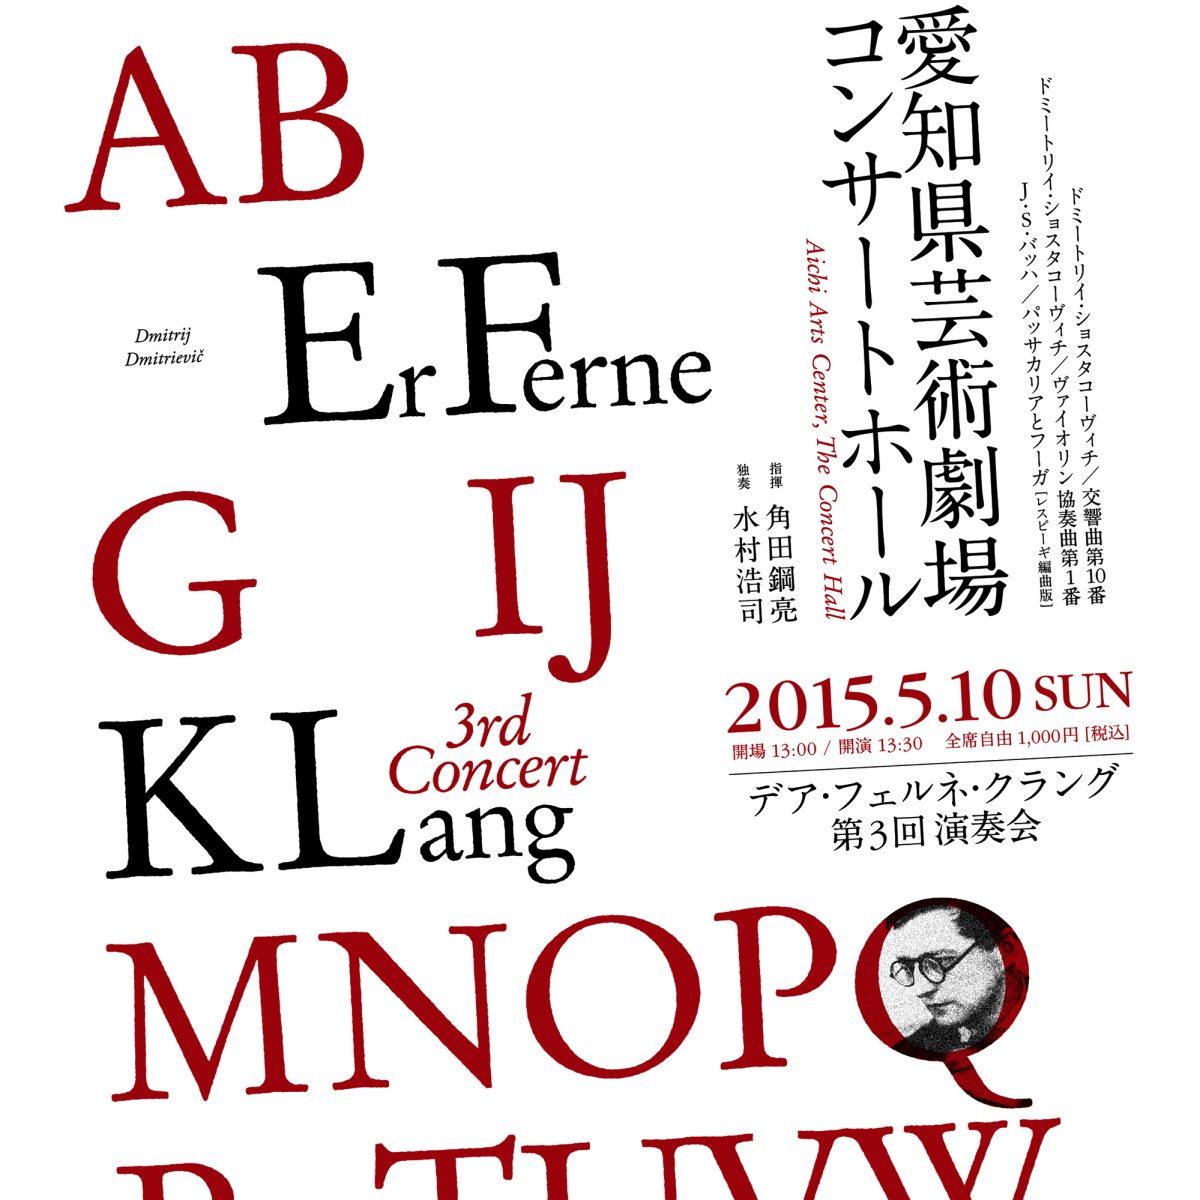 Der ferne Klang|3rd Concert - 愛知県芸術劇場コンサートホール|クラシック音楽|ポスター フライヤー プログラム グラフィックデザイン